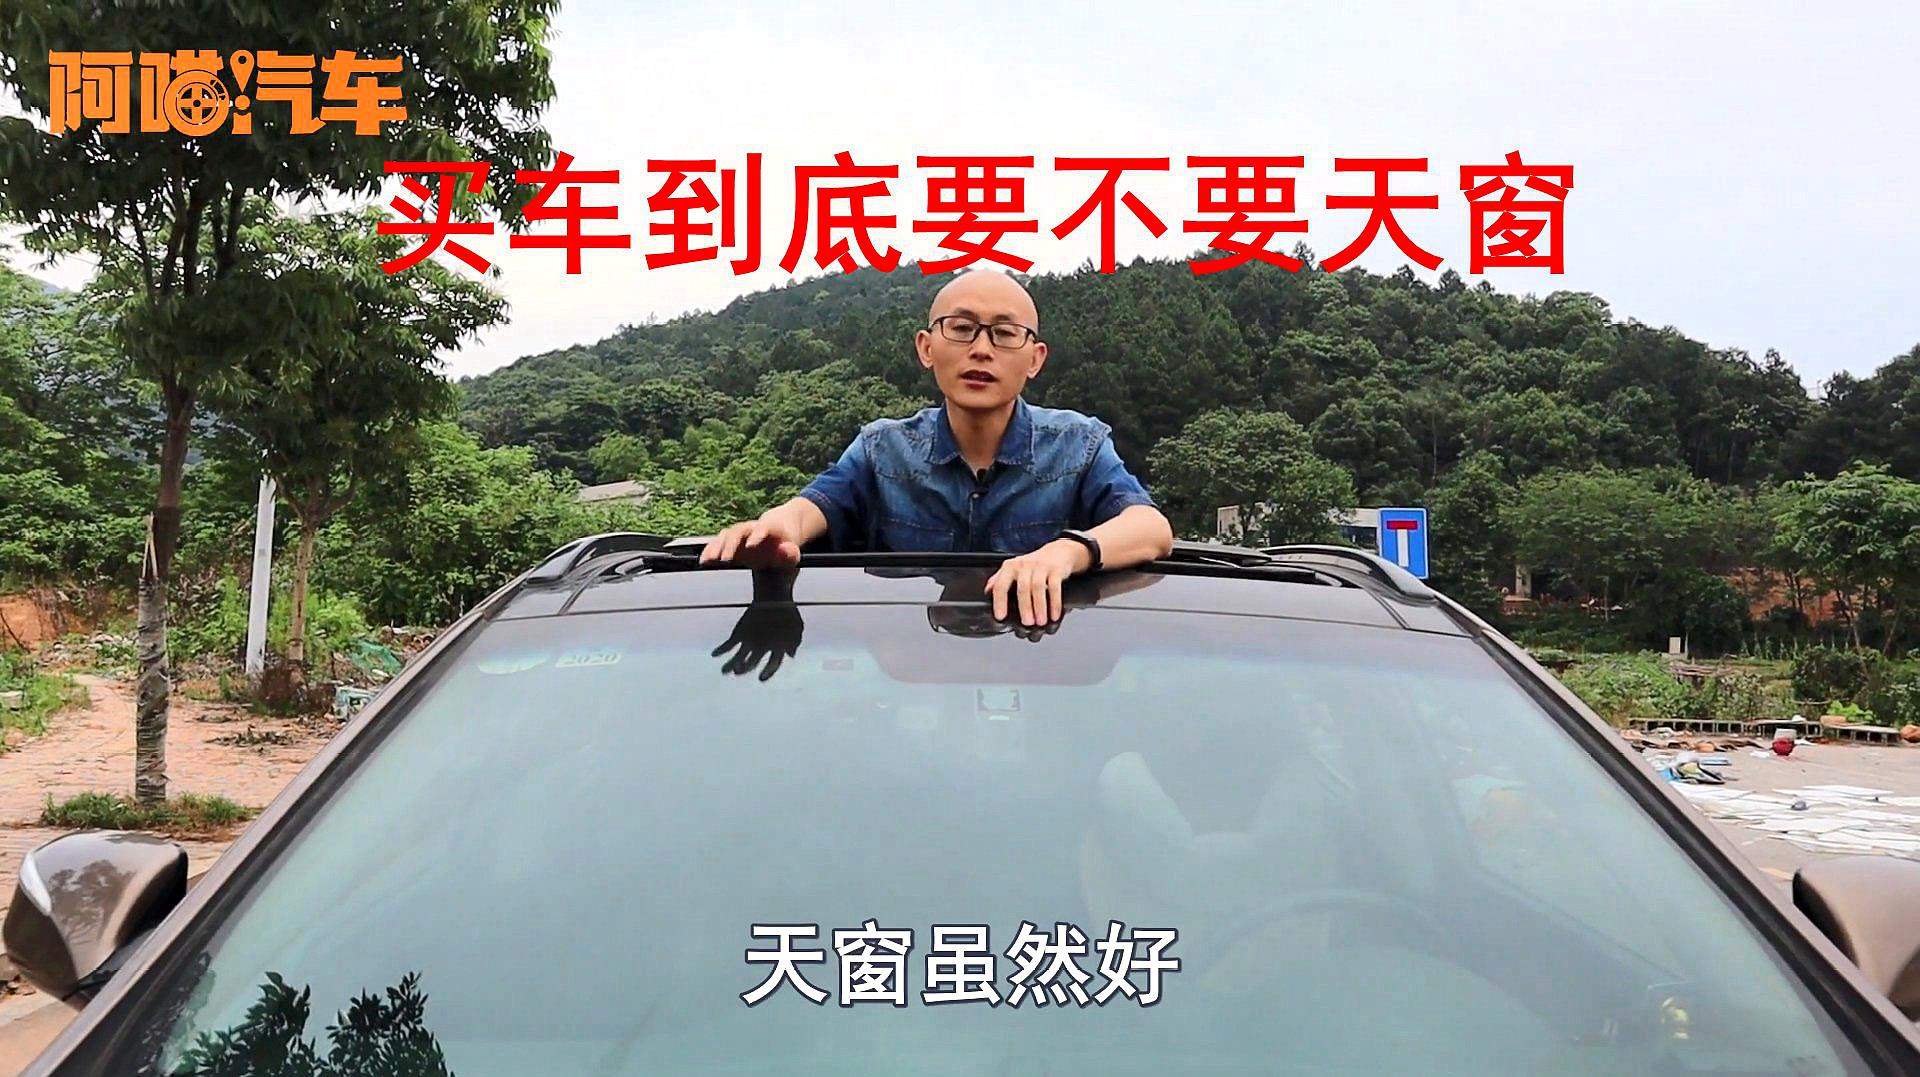 买车到底要不要天窗,老司机十年经验告诉你利弊,买车再也不纠结